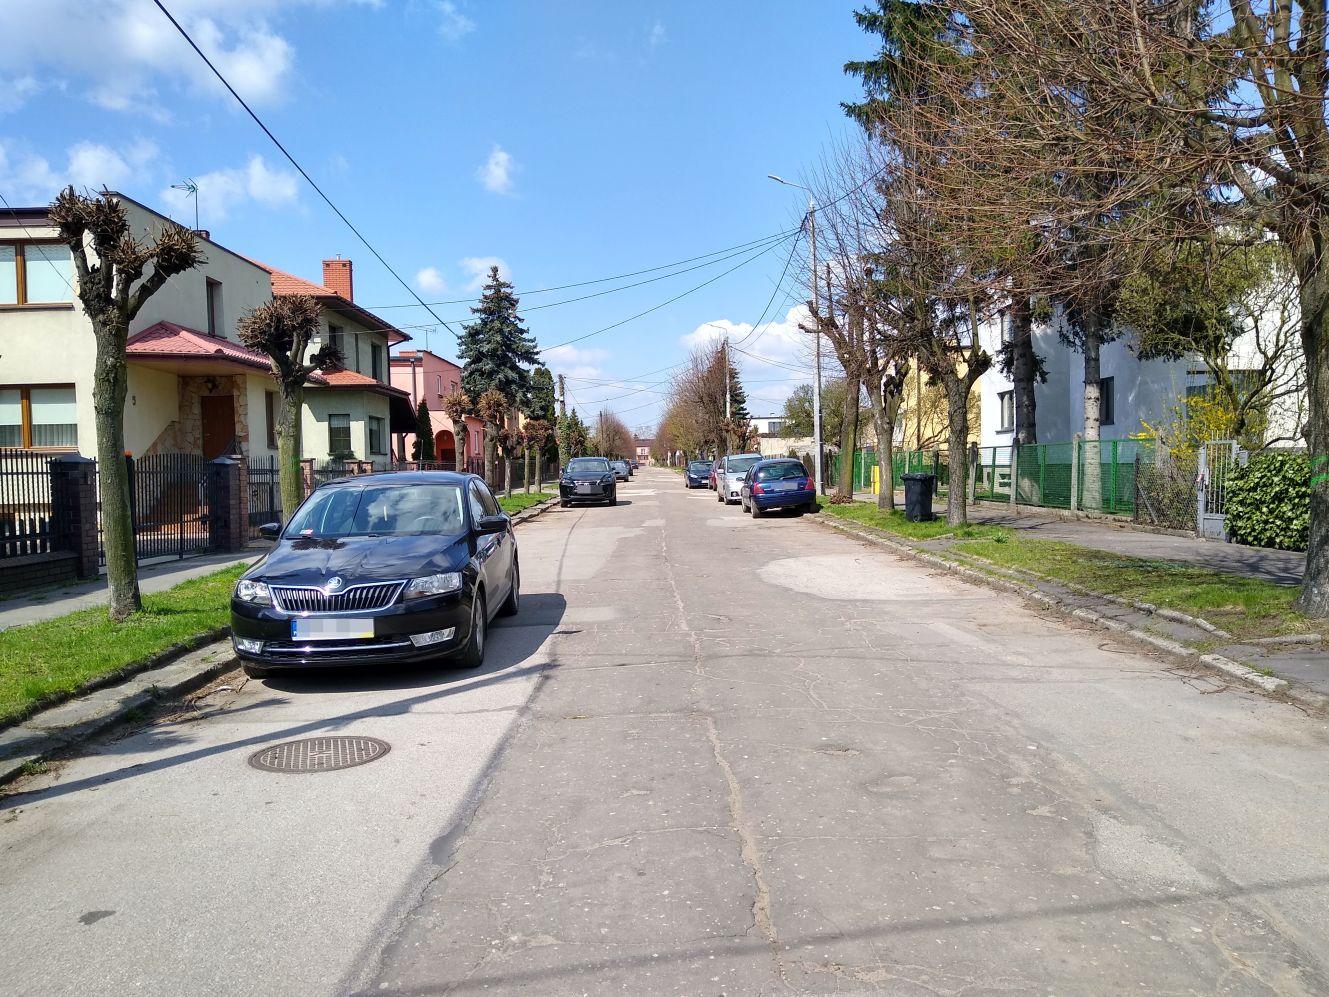 [ZDJĘCIA] Mieszkańcy tej kutnowskiej ulicy odetchną z ulgą. Szykuje się duży remont - Zdjęcie główne